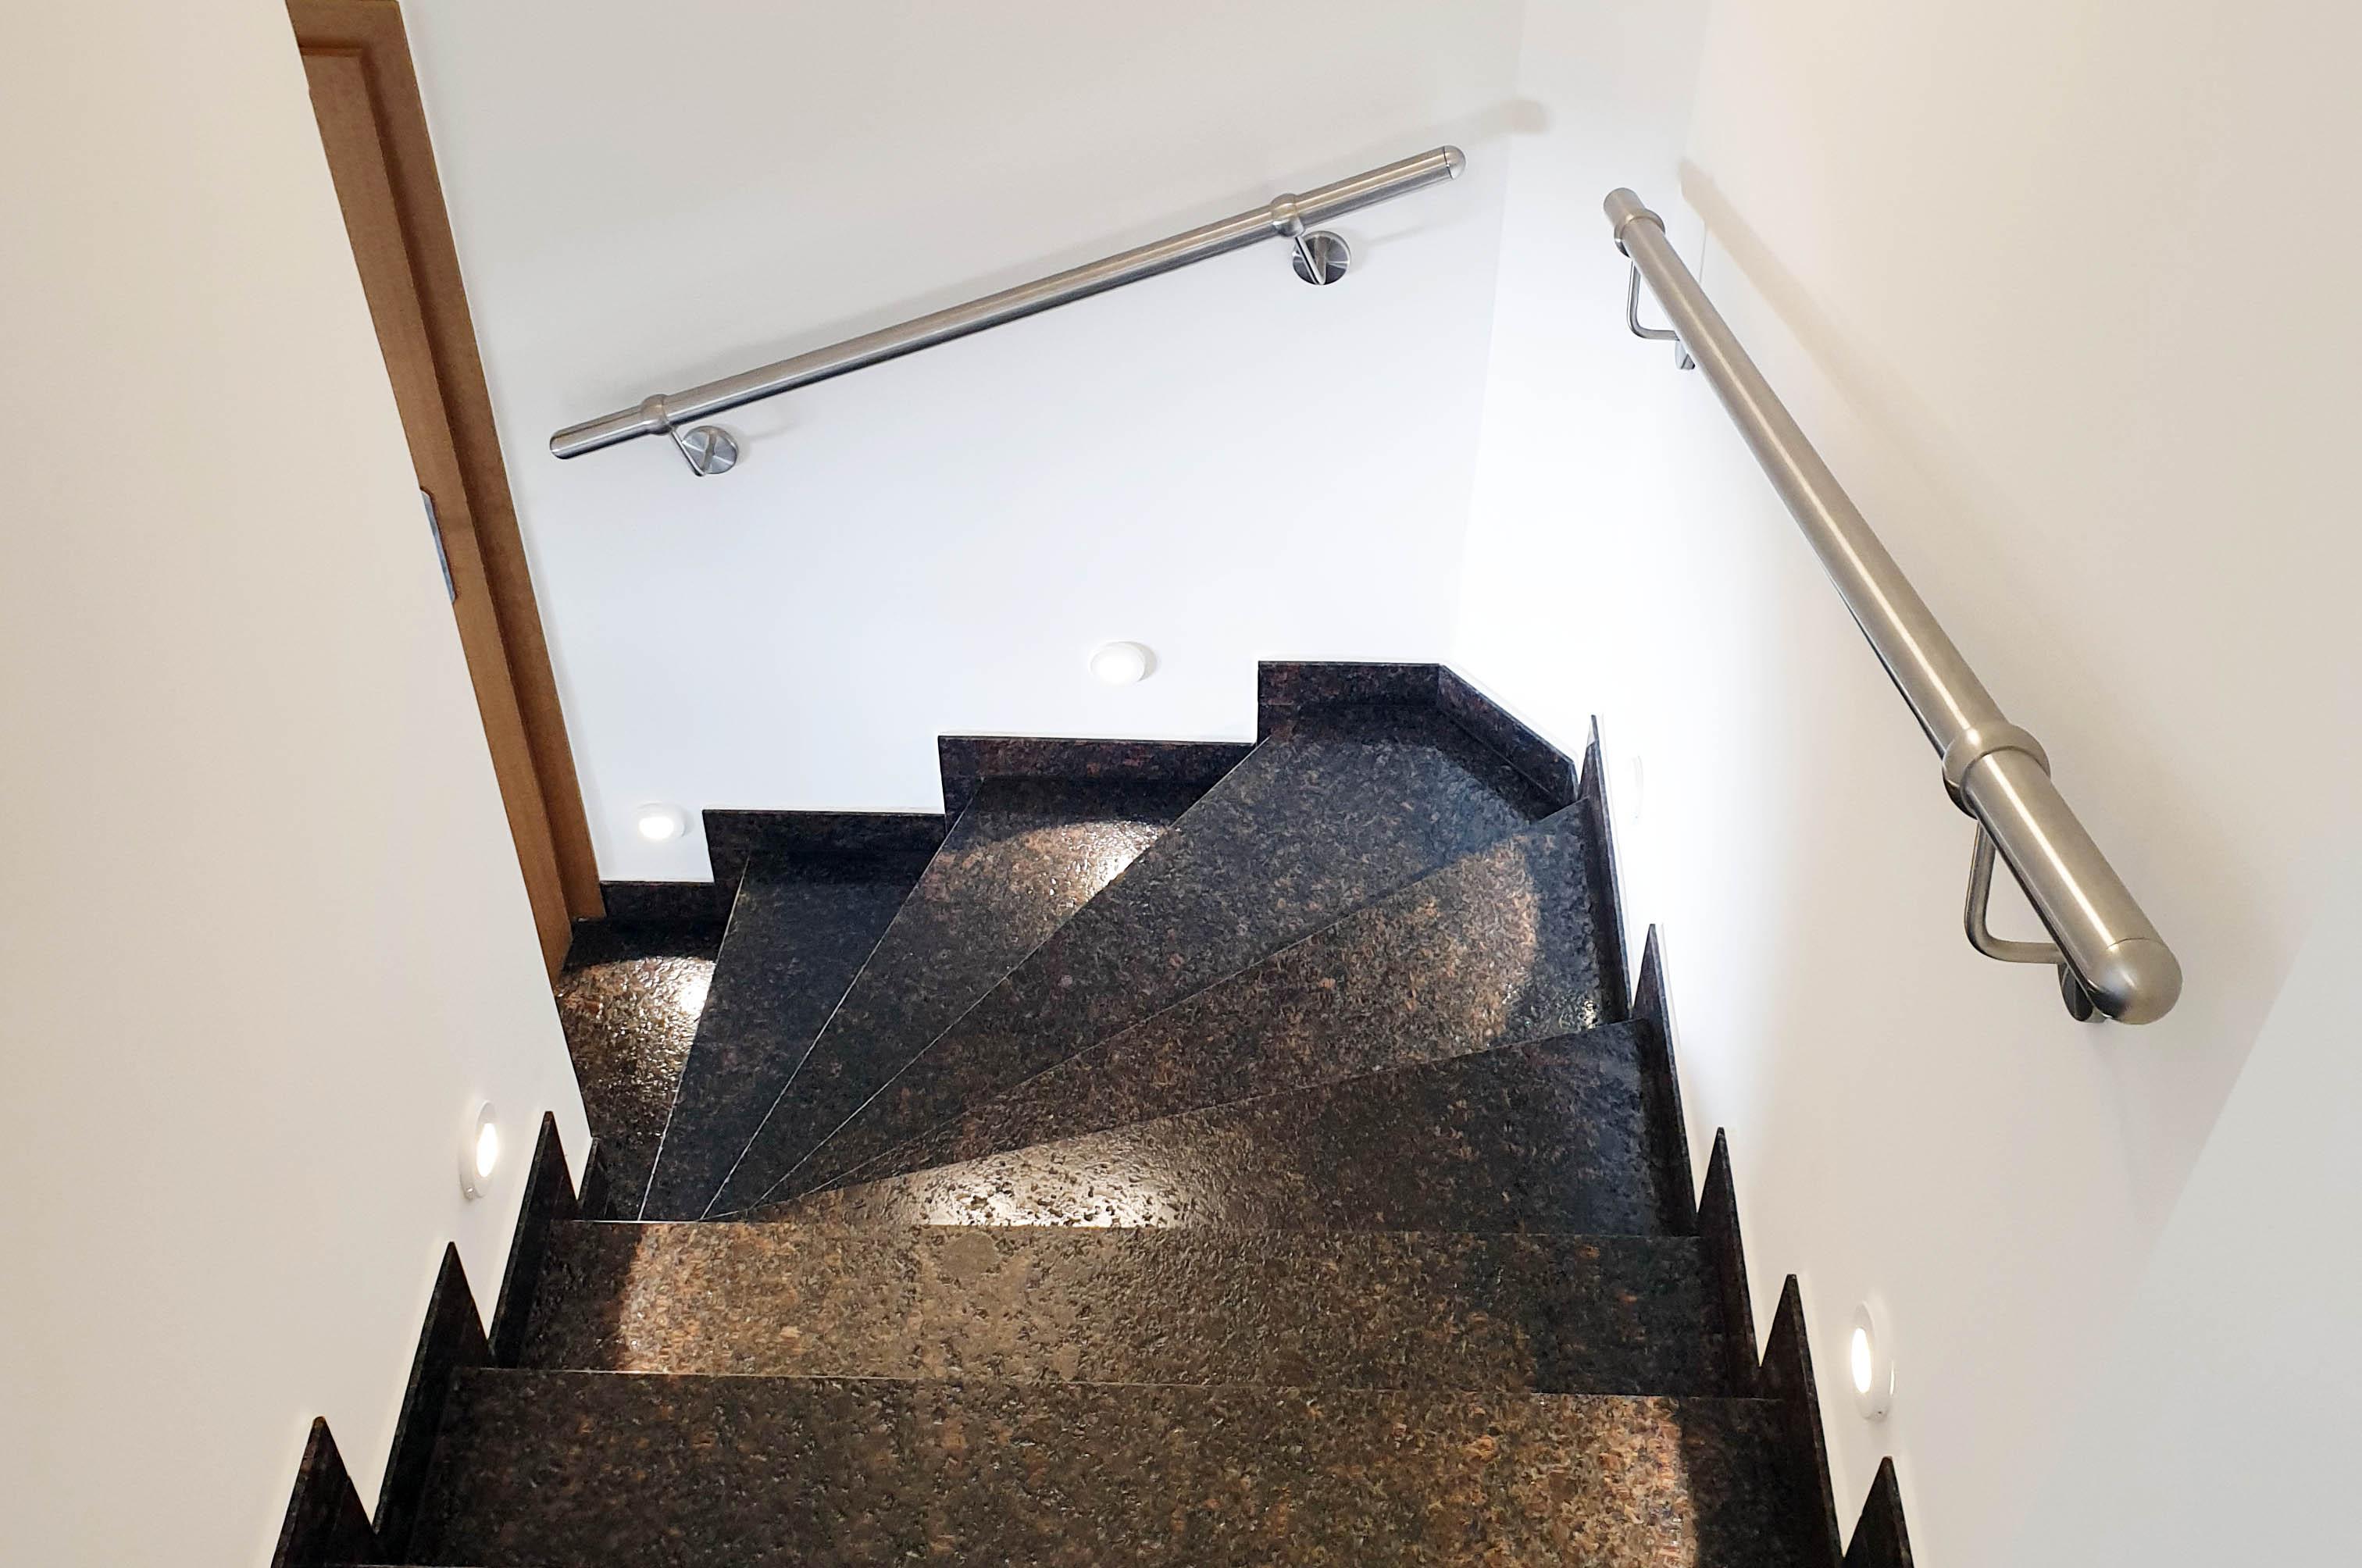 Treppenhaus-mit-Oberfläche-giano-finish-2